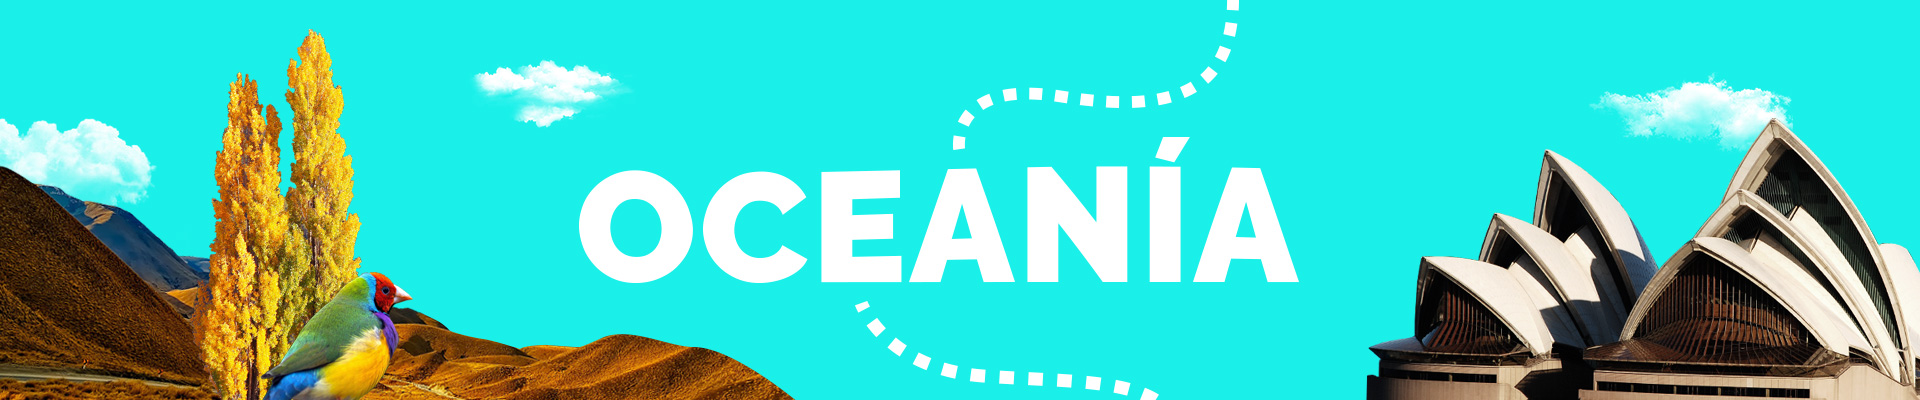 Header_Oceania